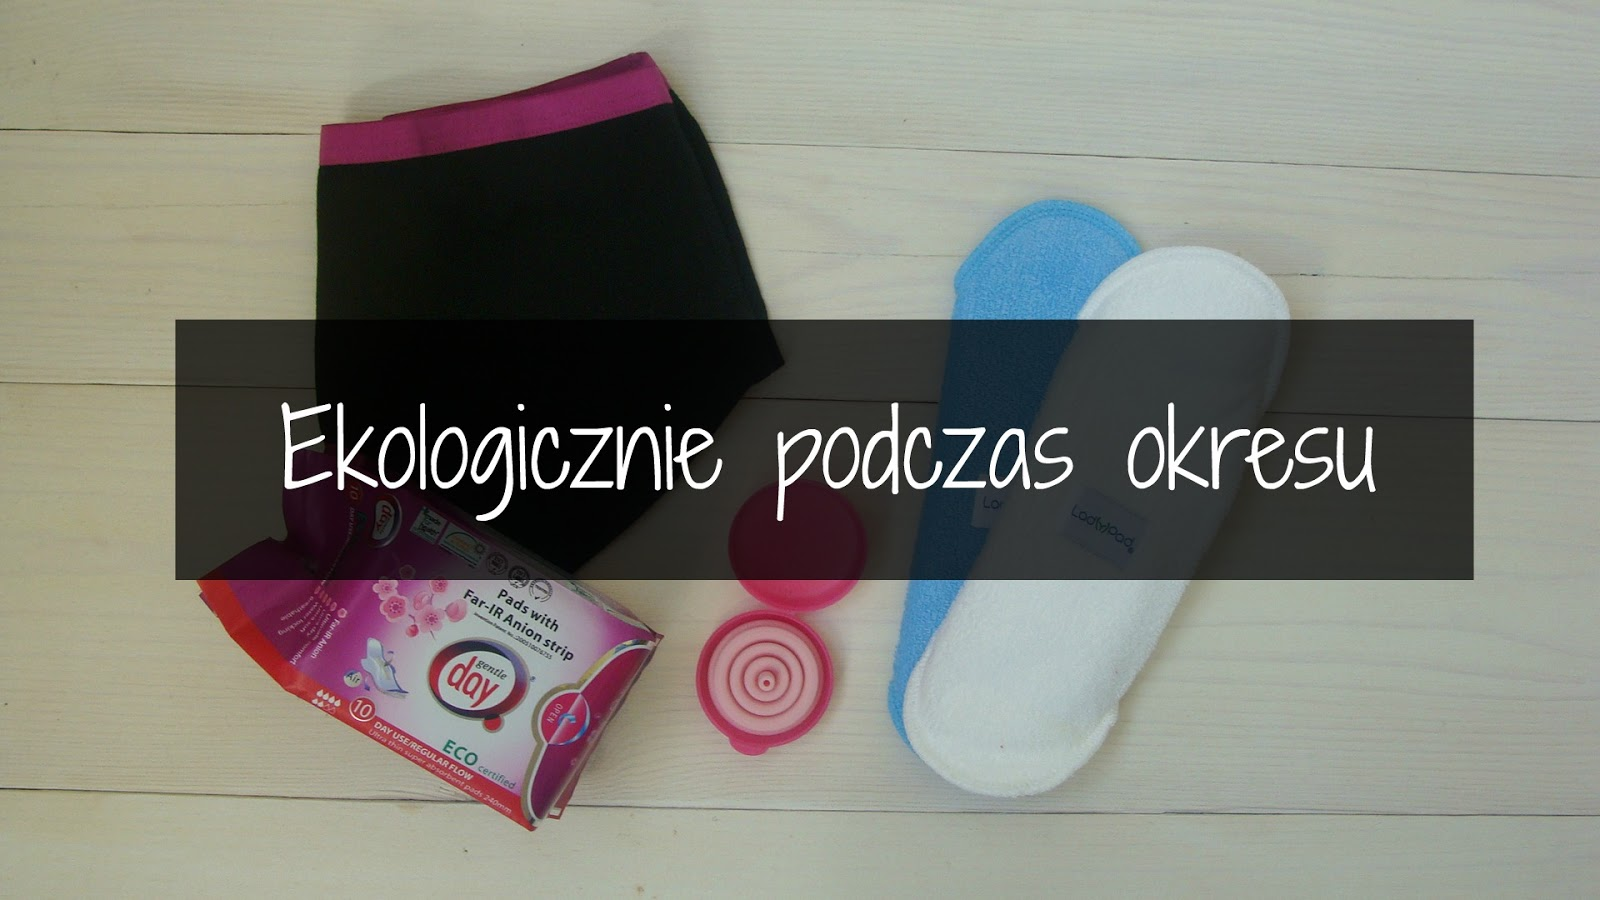 Podpaski wielorazowe, podpaski ekologiczne, wkładki wielorazowe, kubeczek menstruacyjny